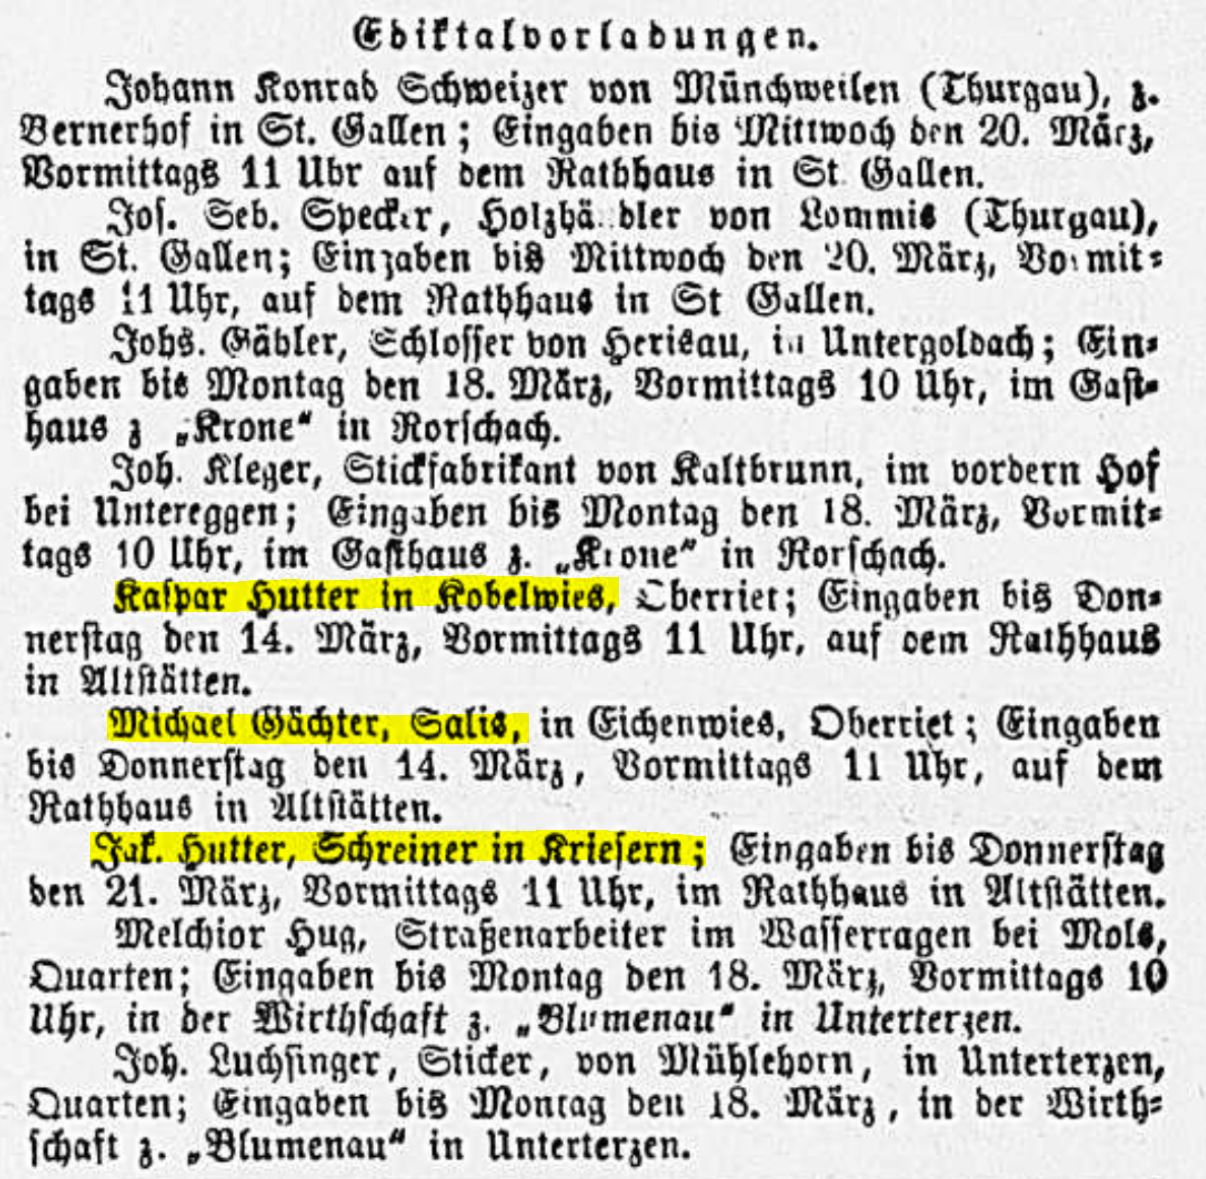 Kaspar Hutter (1841-1924)